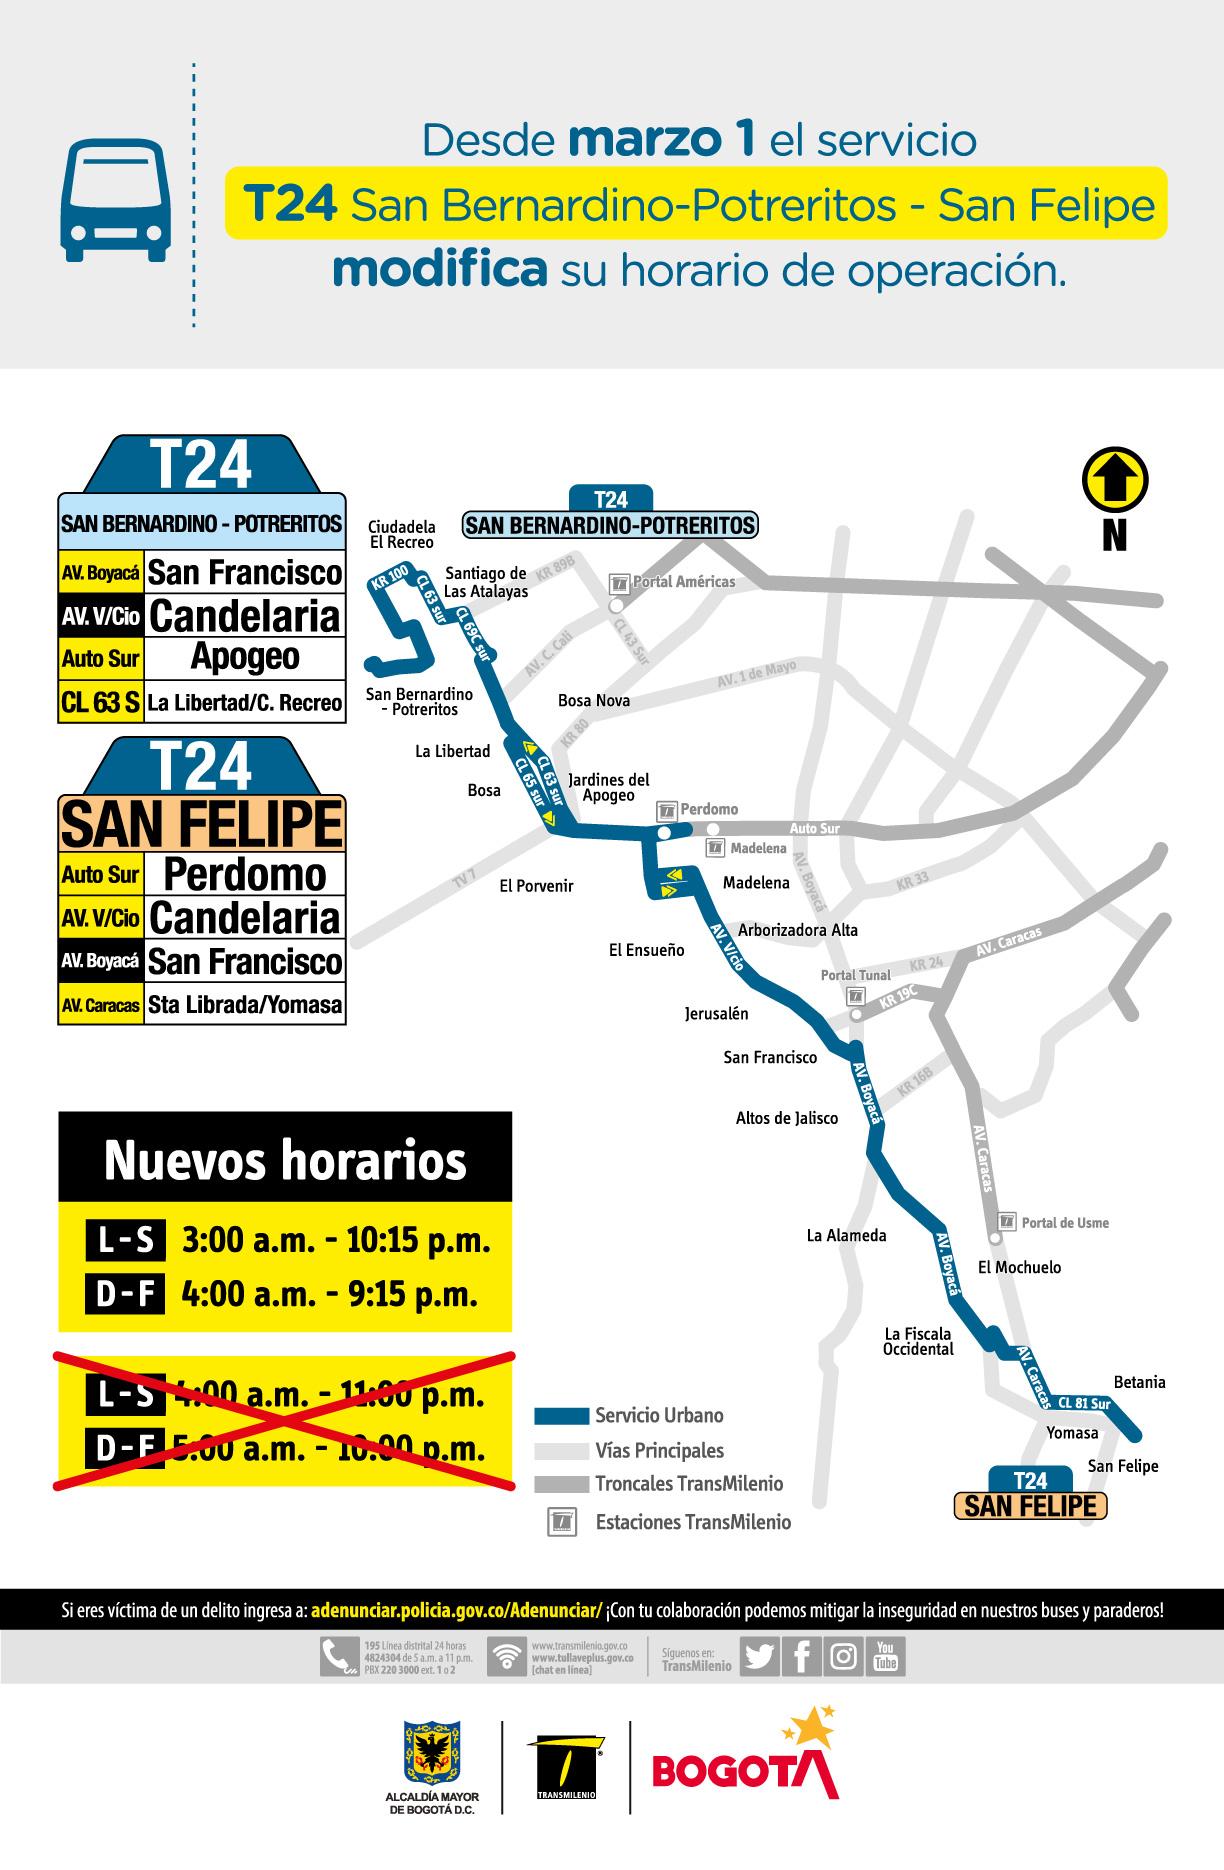 T24 San Bernardino - Potreritos - San Felipe